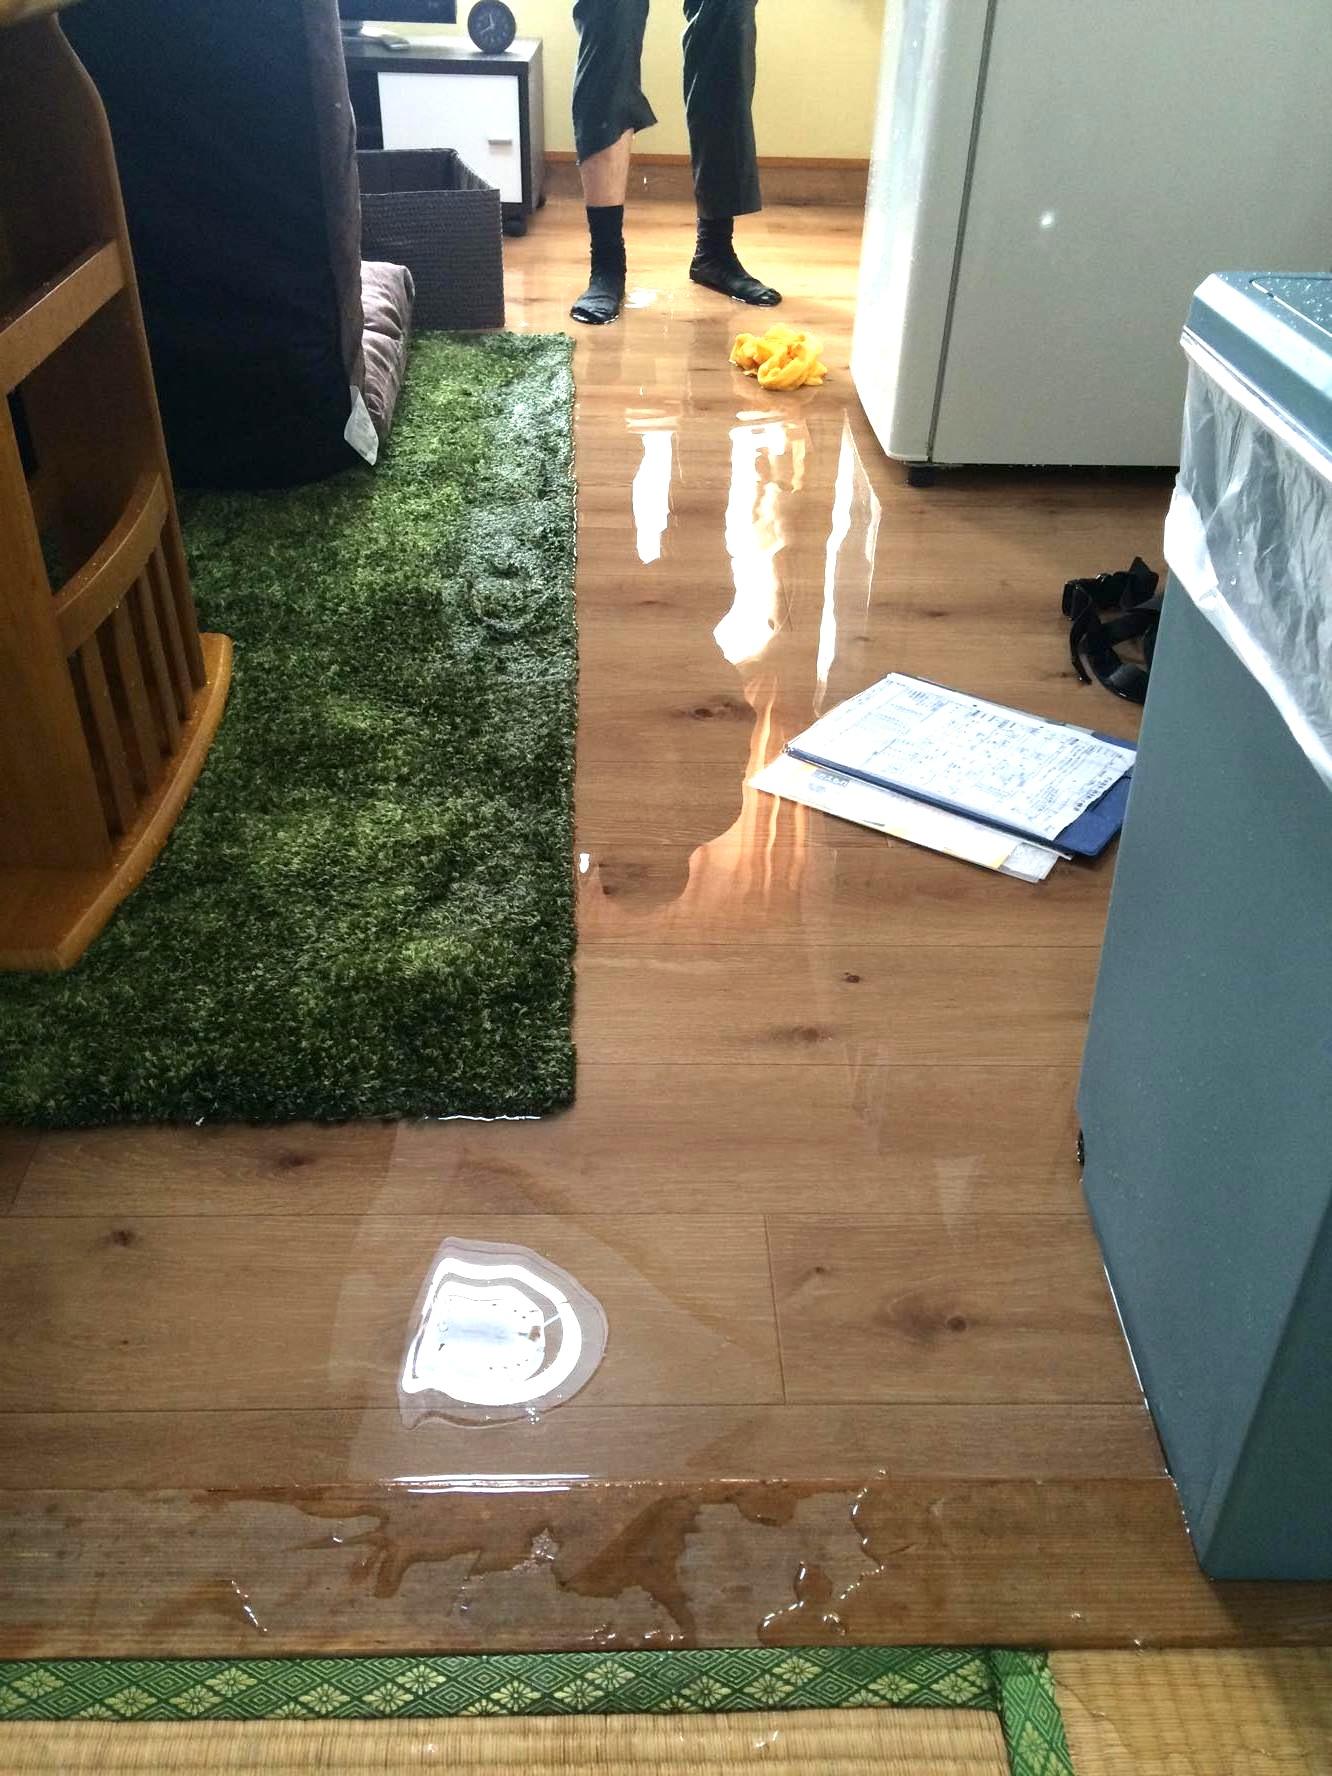 【水漏れ】開いちゃいけない所開いちゃいました。